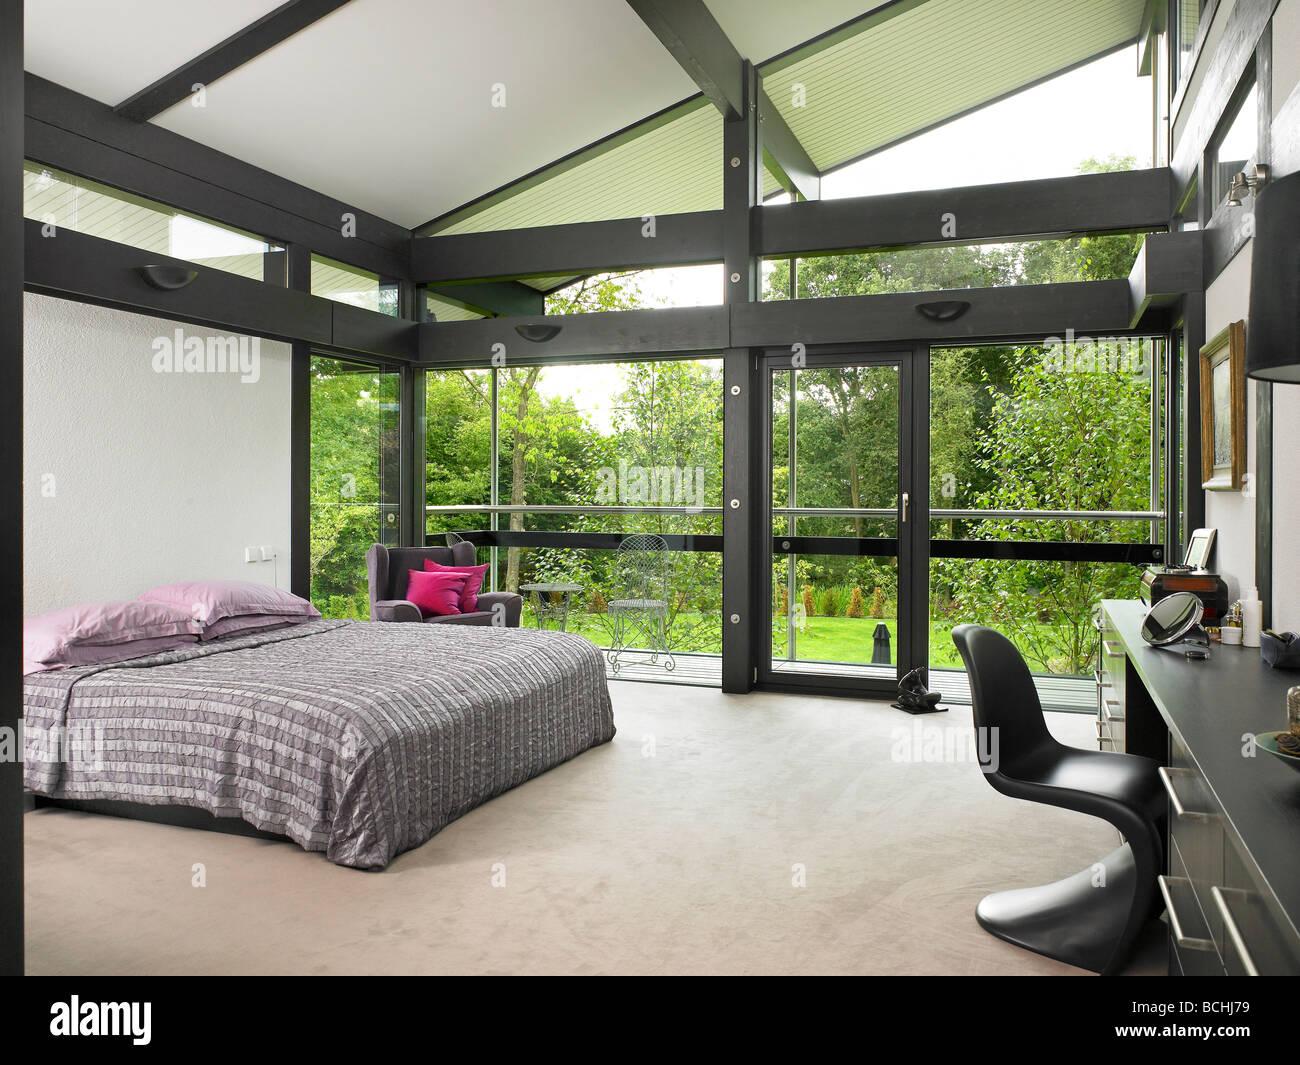 Selbst bauen Huf Haus Schlafzimmer Innenraum Stockfoto, Bild ...